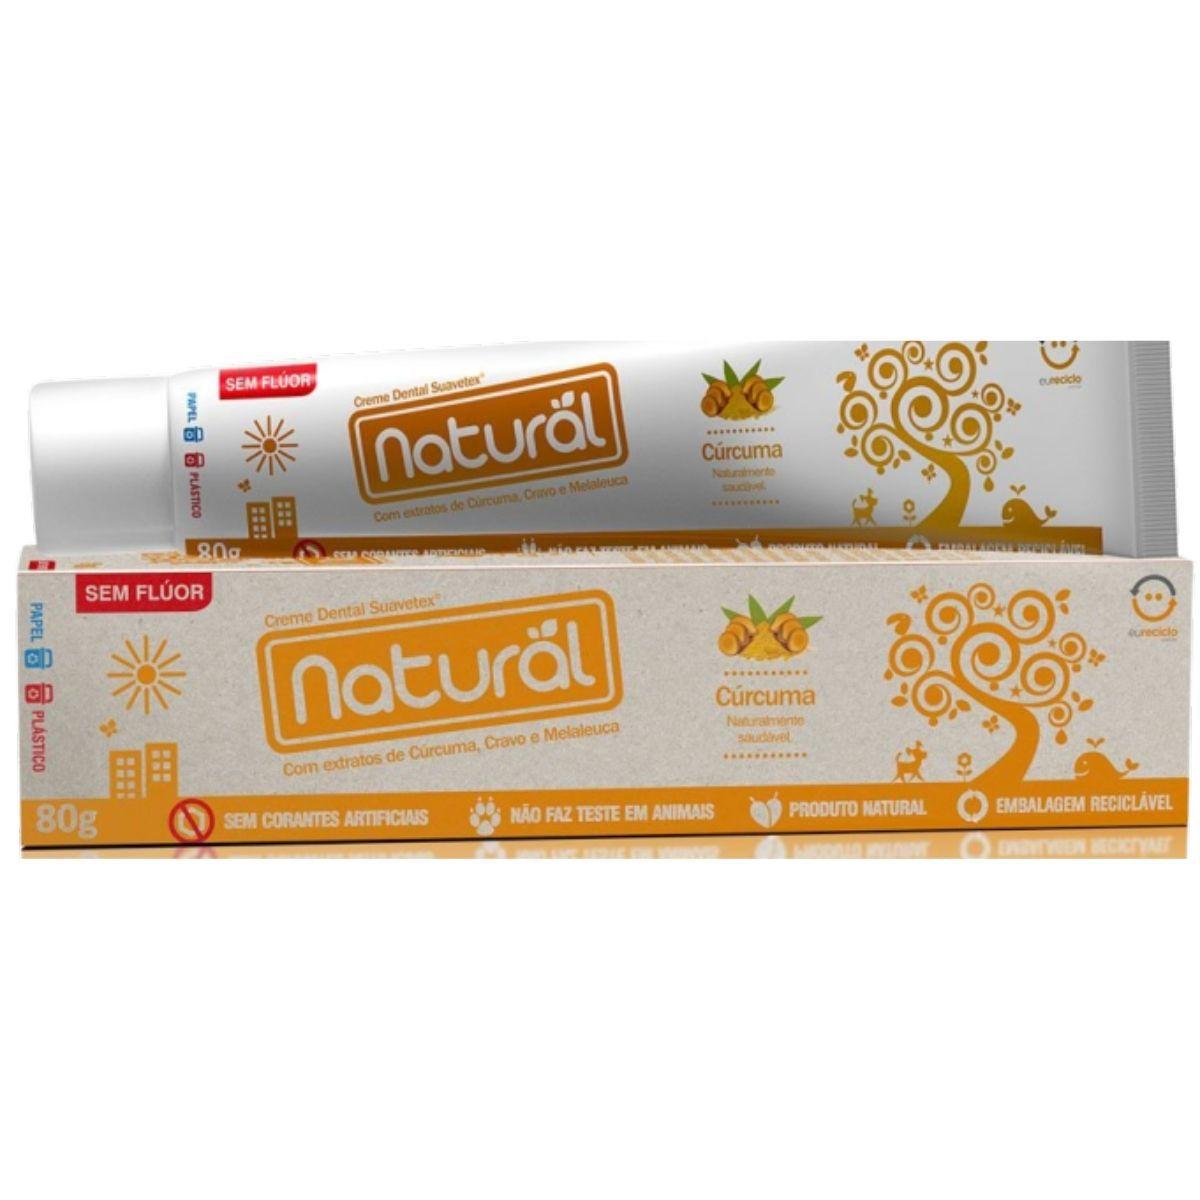 Creme Dental Suavetex Natural C/ Extratos de Curcuma Cravo e Melaleuca 80g - Suavetex